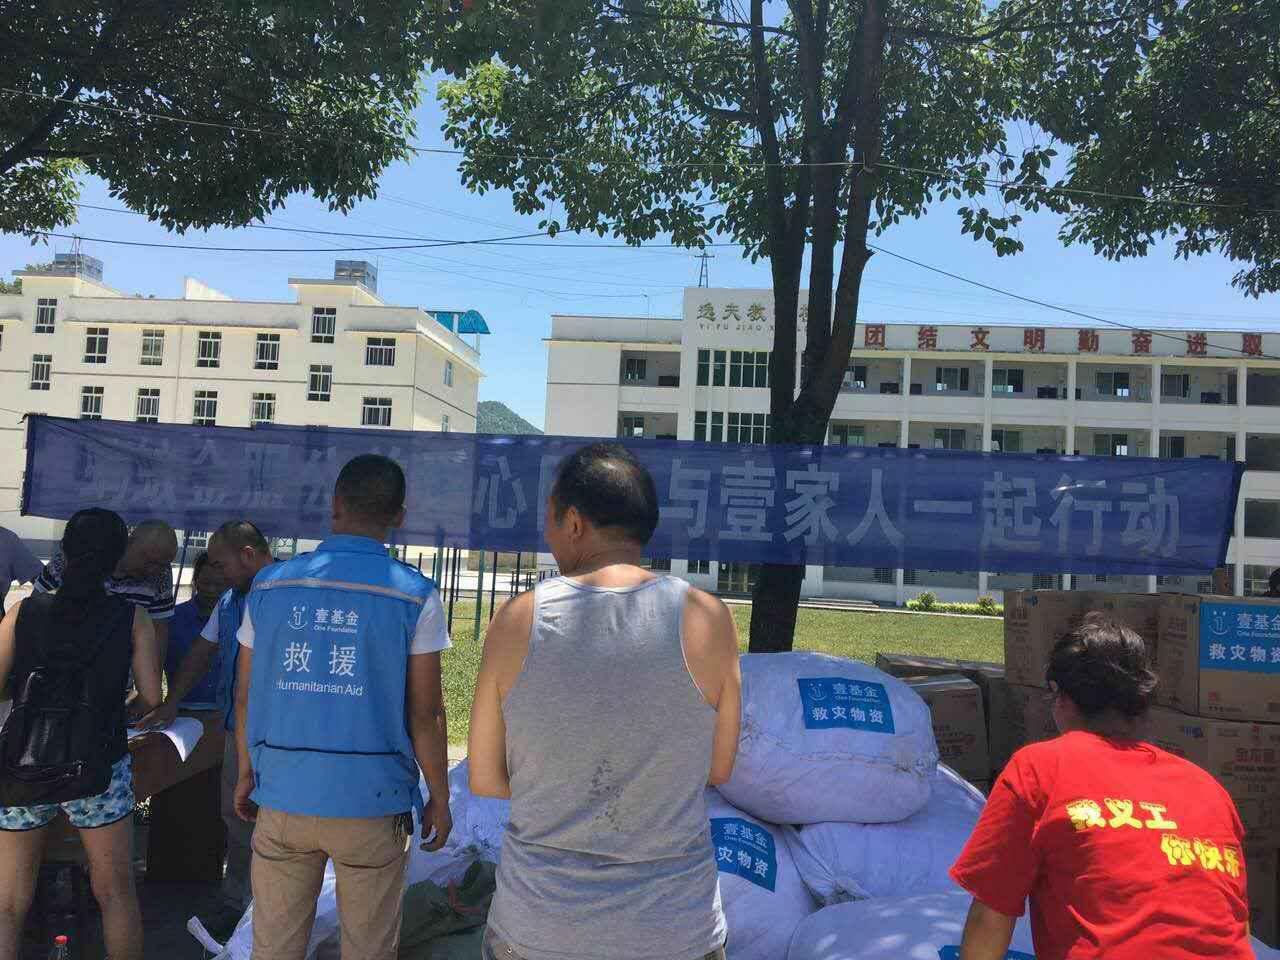 恩施州鹤峰县燕子镇, 志愿者在发放救灾物资